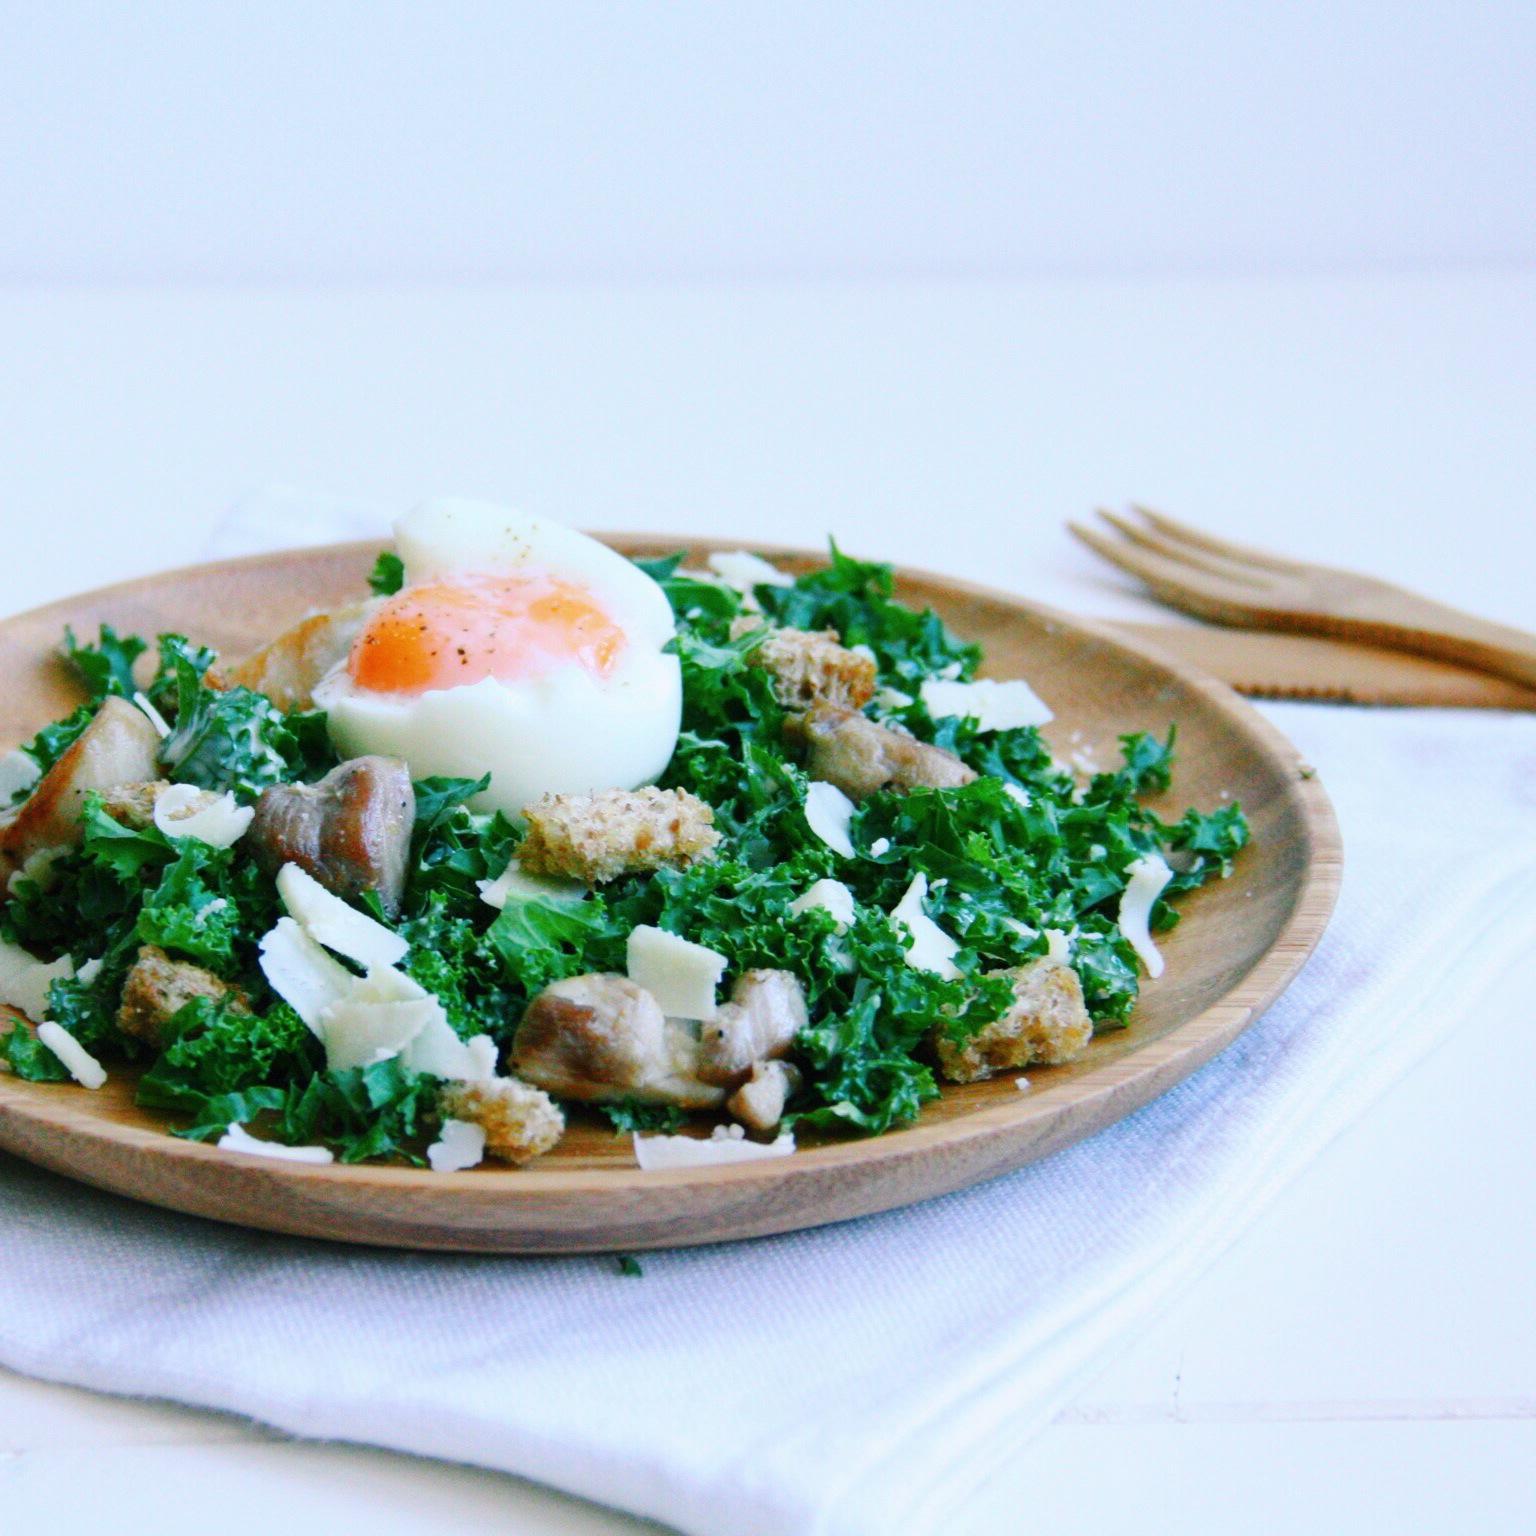 IMG 9695 - Boerenkool Caesar Salade